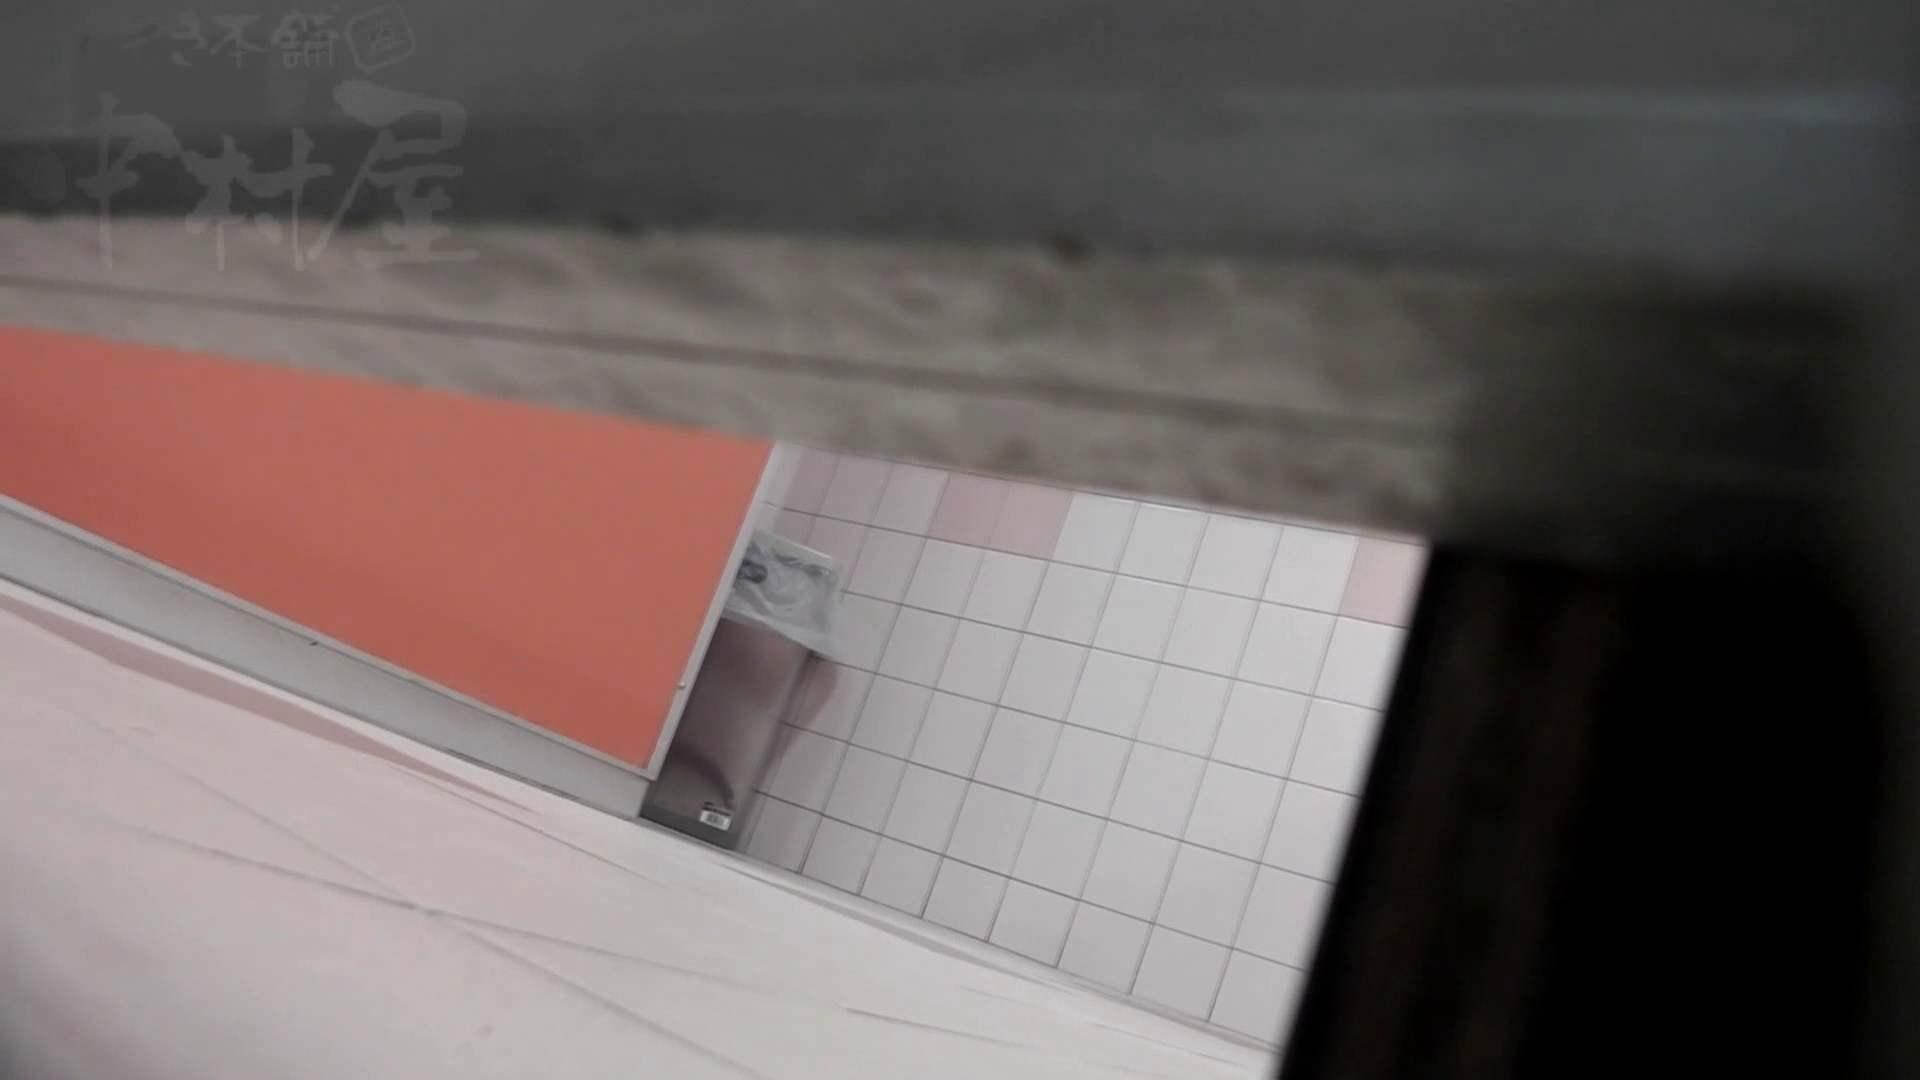 美しい日本の未来 No.06 更に侵入フロント究極な画質 女子トイレ編 ヌード画像 75PIX 60